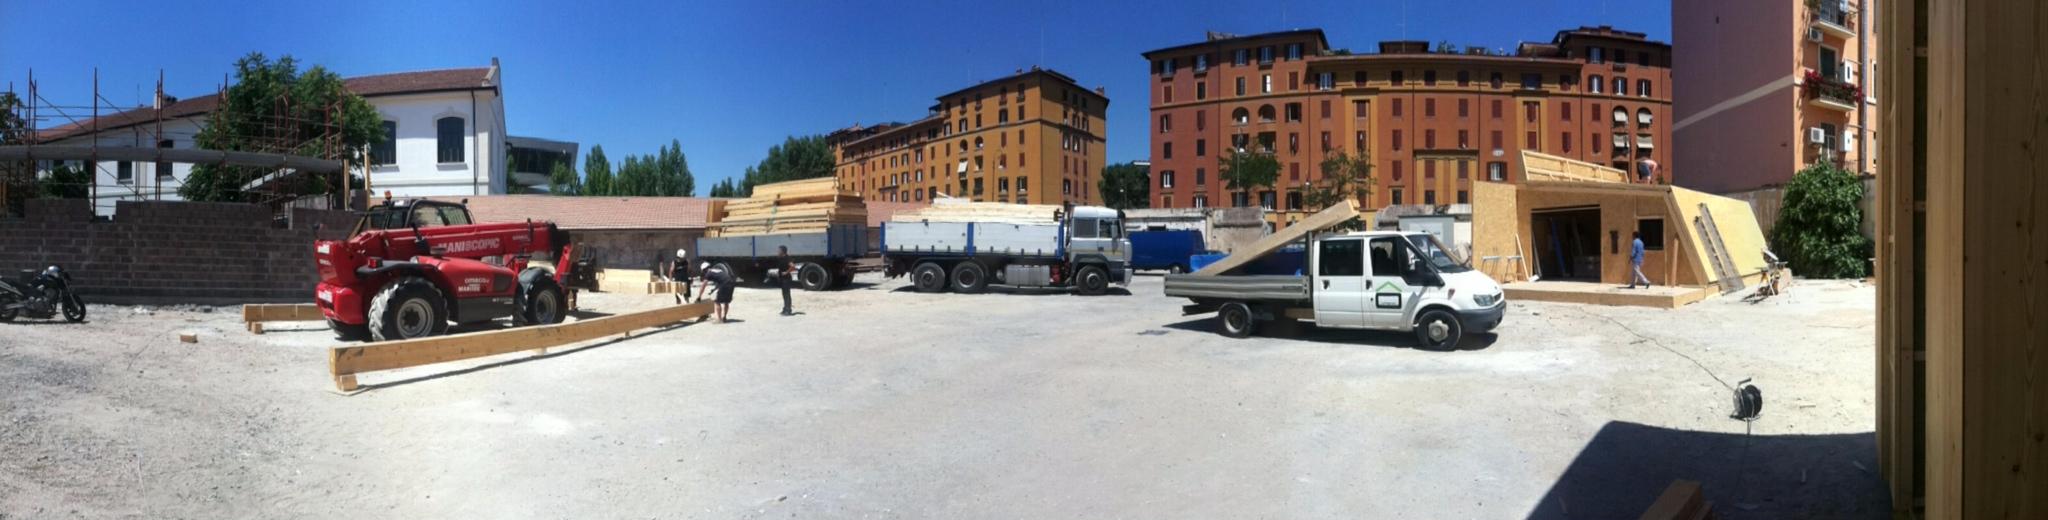 Costruzione della Casa Panoramica a Roma